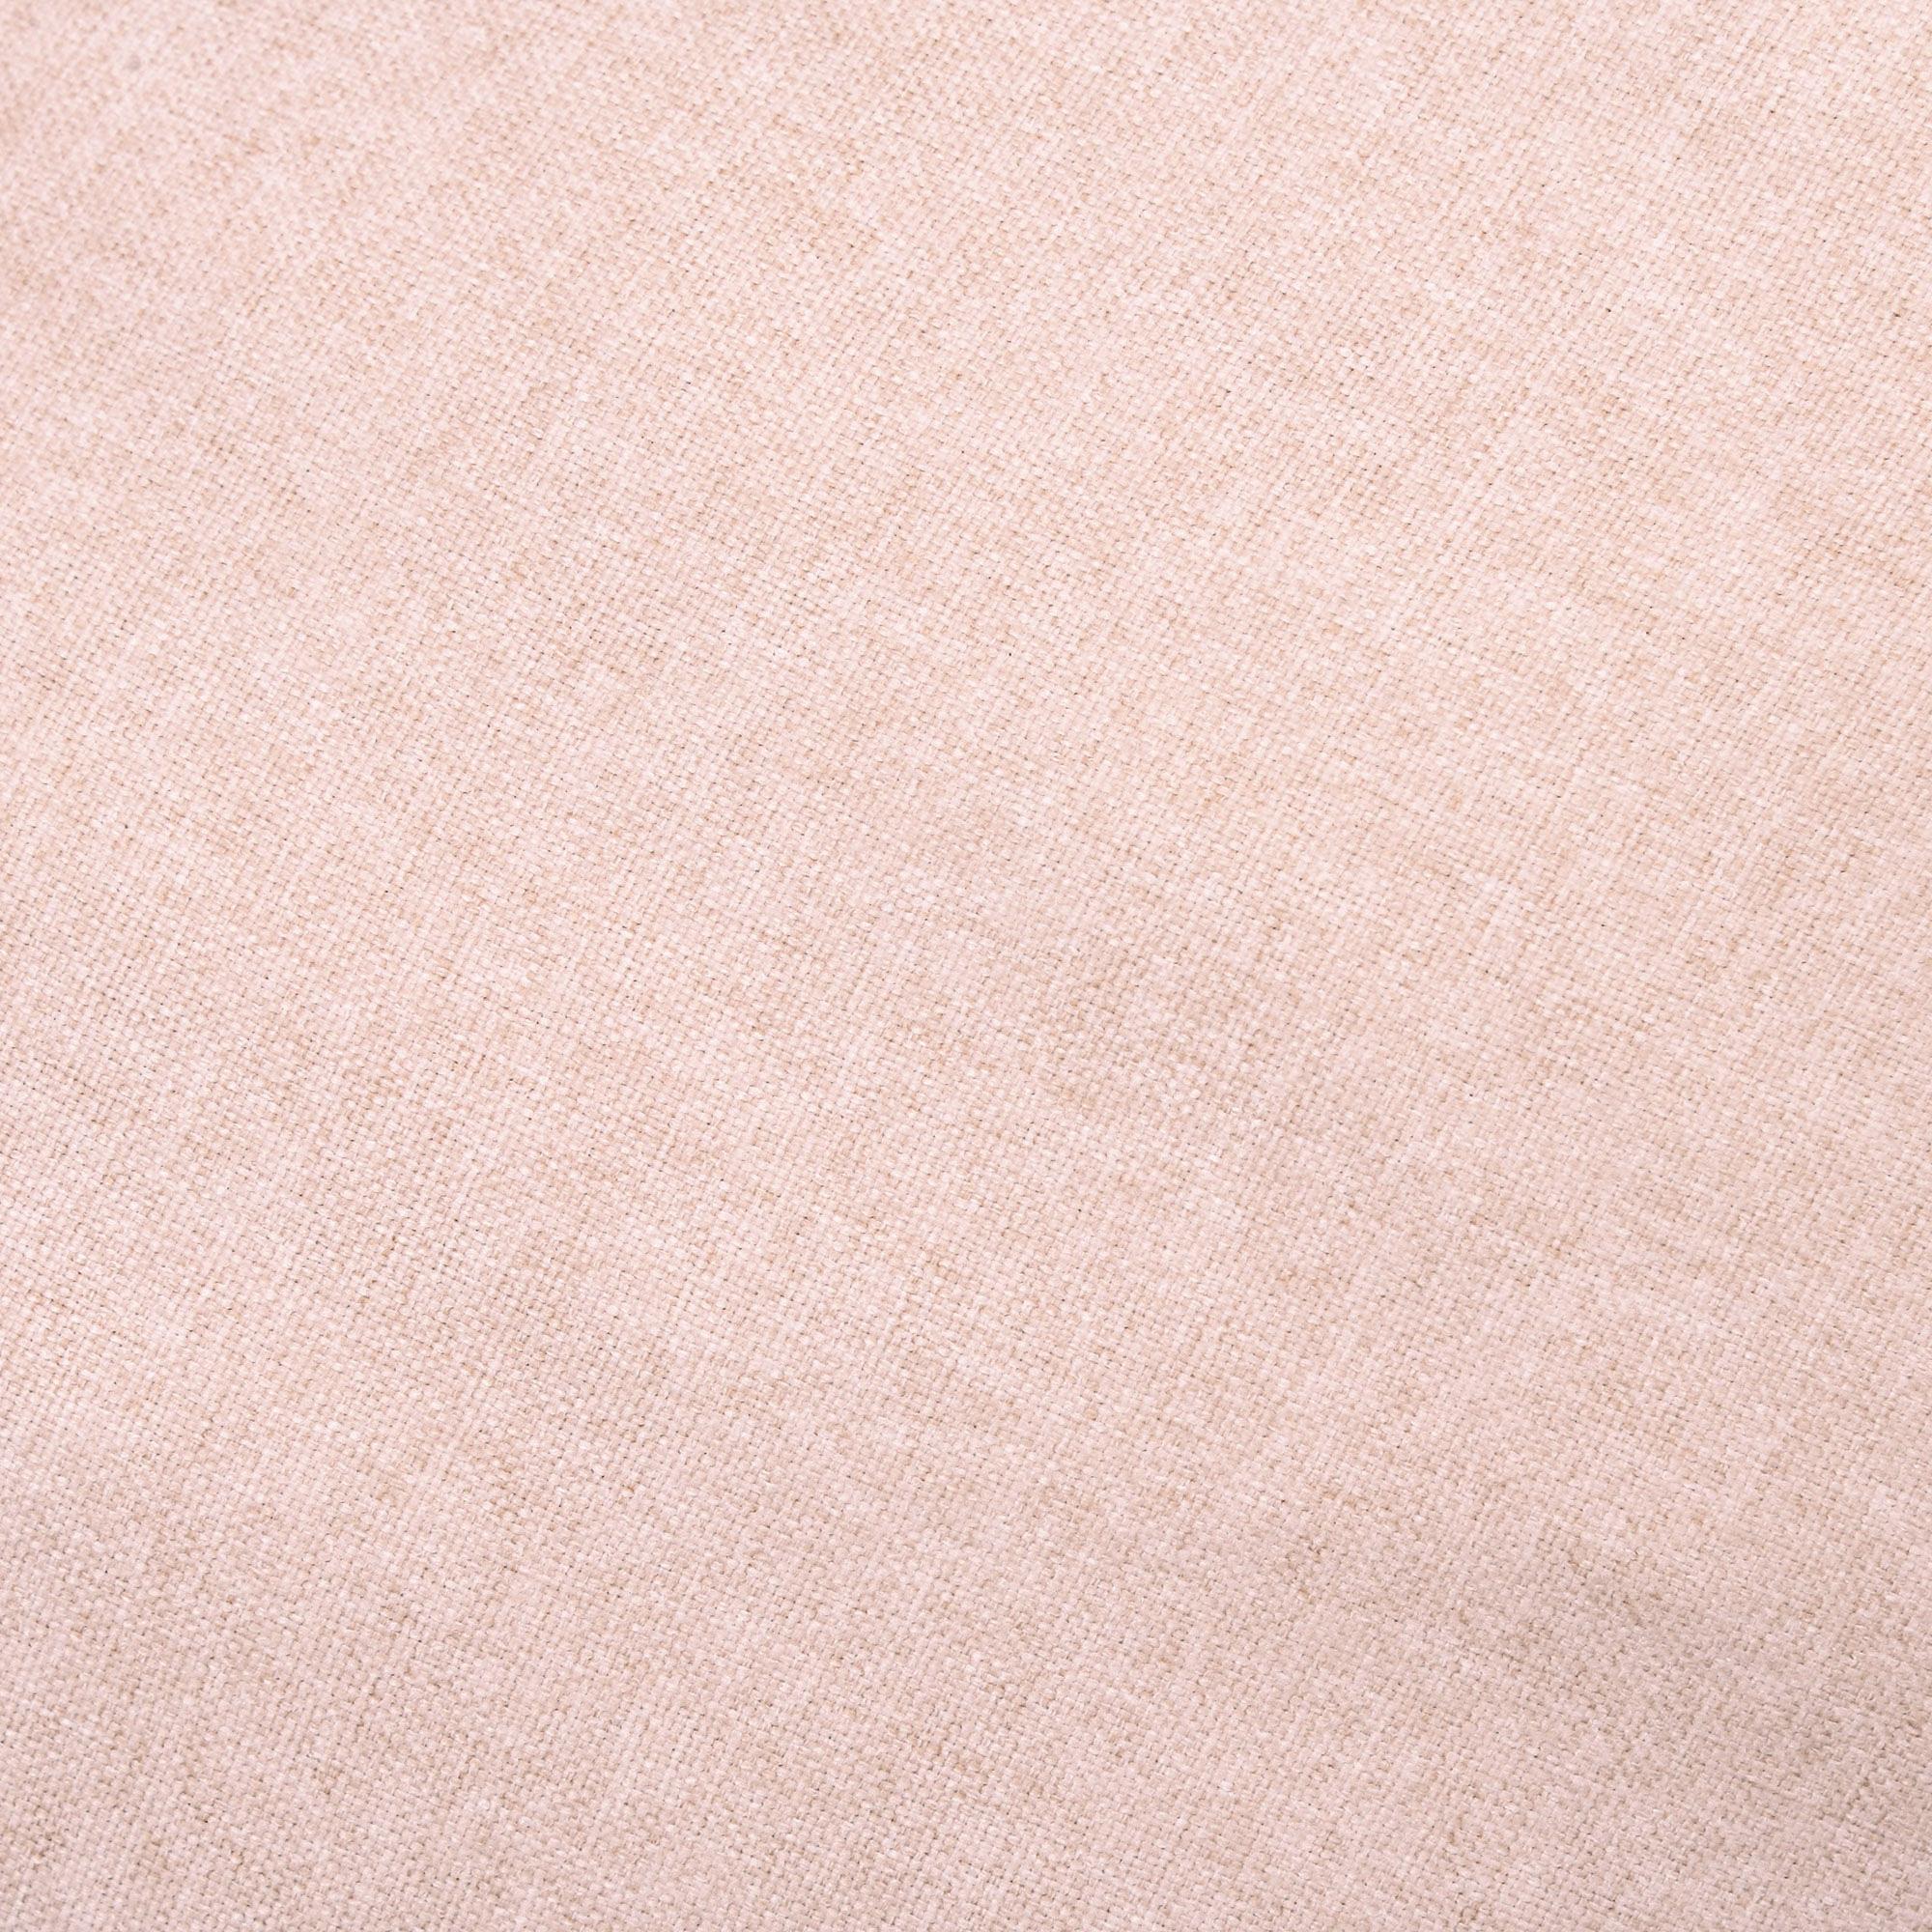 Indexbild 22 - Sitzsack Sitzkissen gepolstert Polyester Schaumstoff 3 Farben